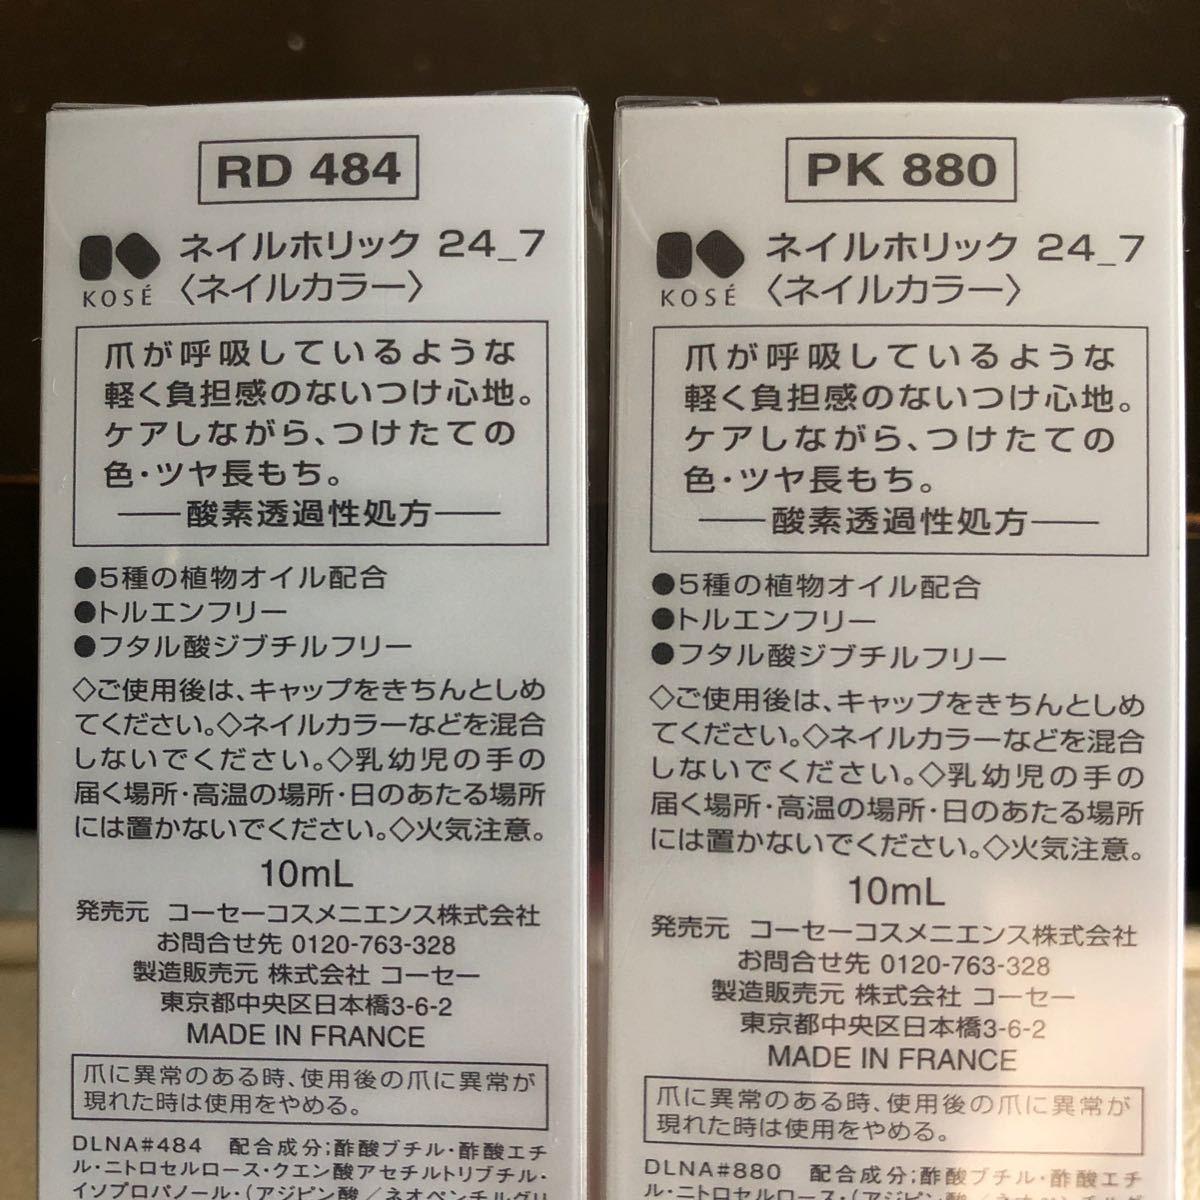 ネイルホリック24_7 マニキュア RD484 &PK880 2個セット